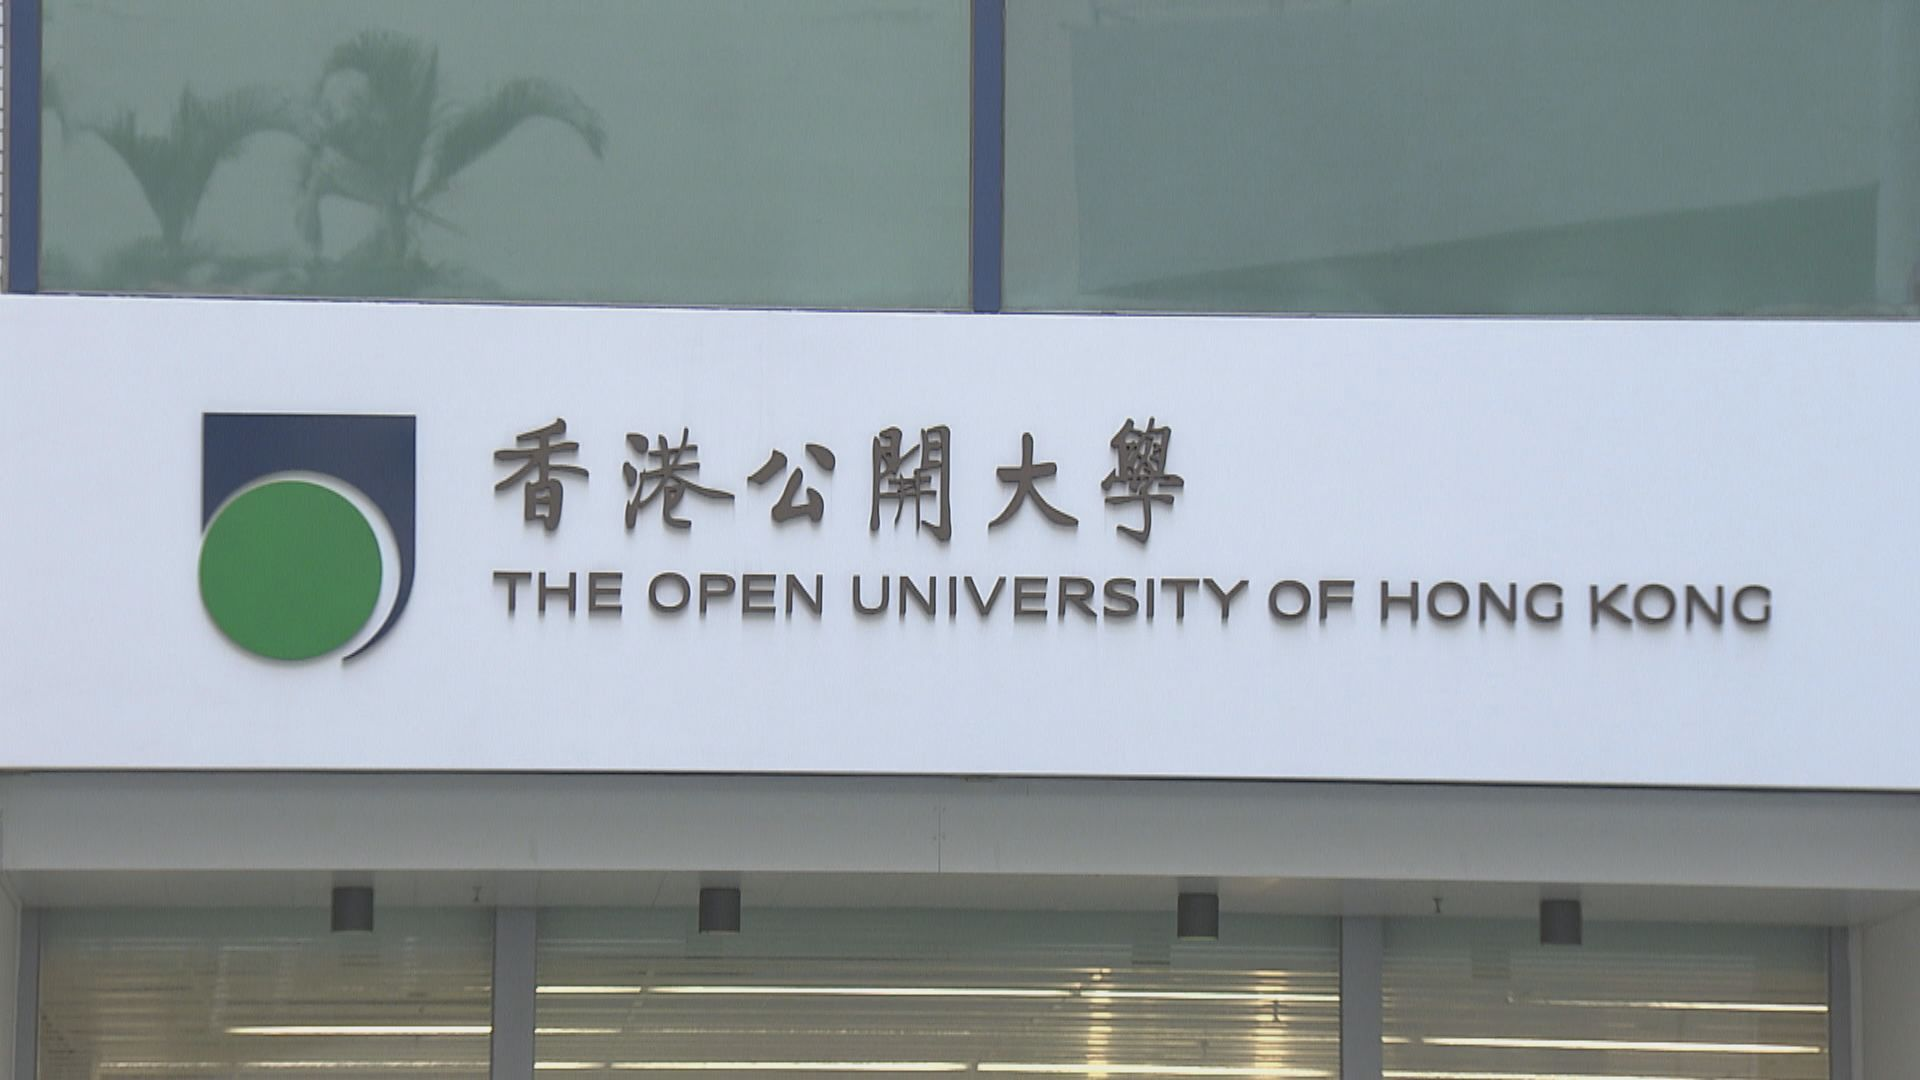 公開大學改名條例草案於立法會首、二讀